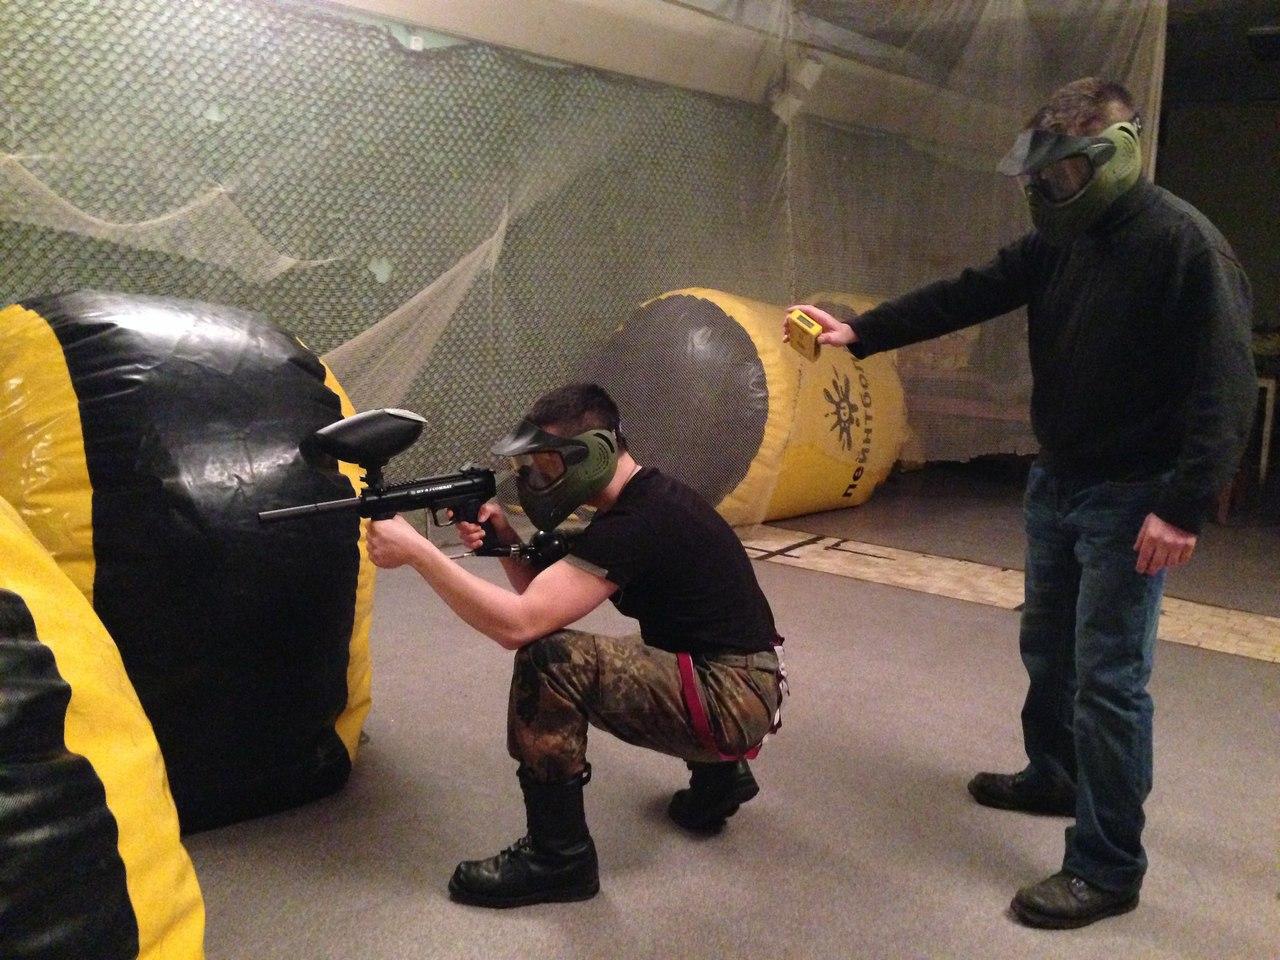 Коломна, Соревнования по практической стрельбе из гладкоствольного ружья